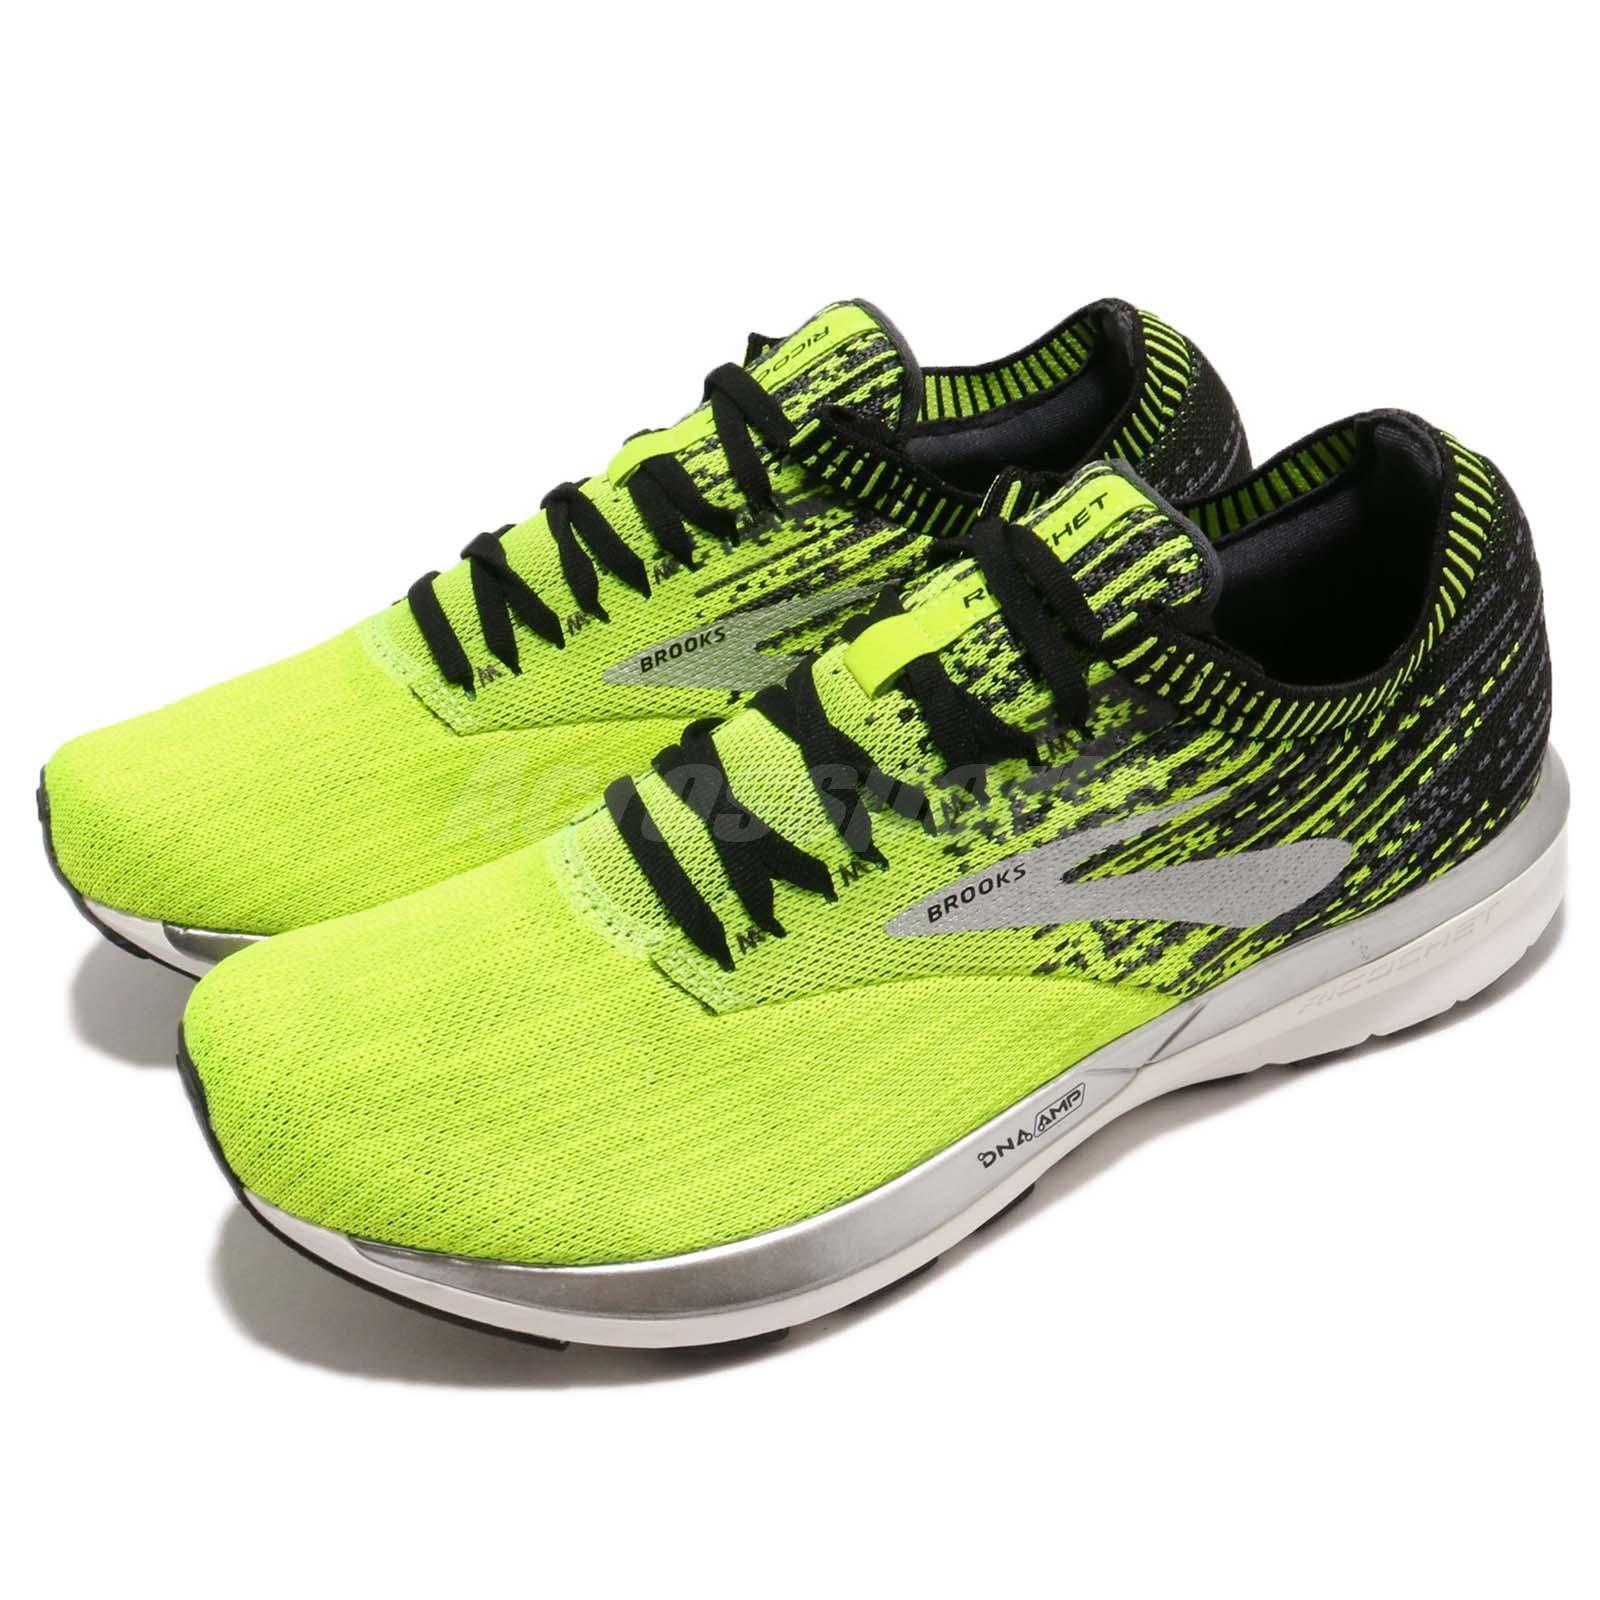 Brooks Ricochet Jaune Noir Argent Hommes FonctionneHommest Training Chaussures paniers 110293 1D